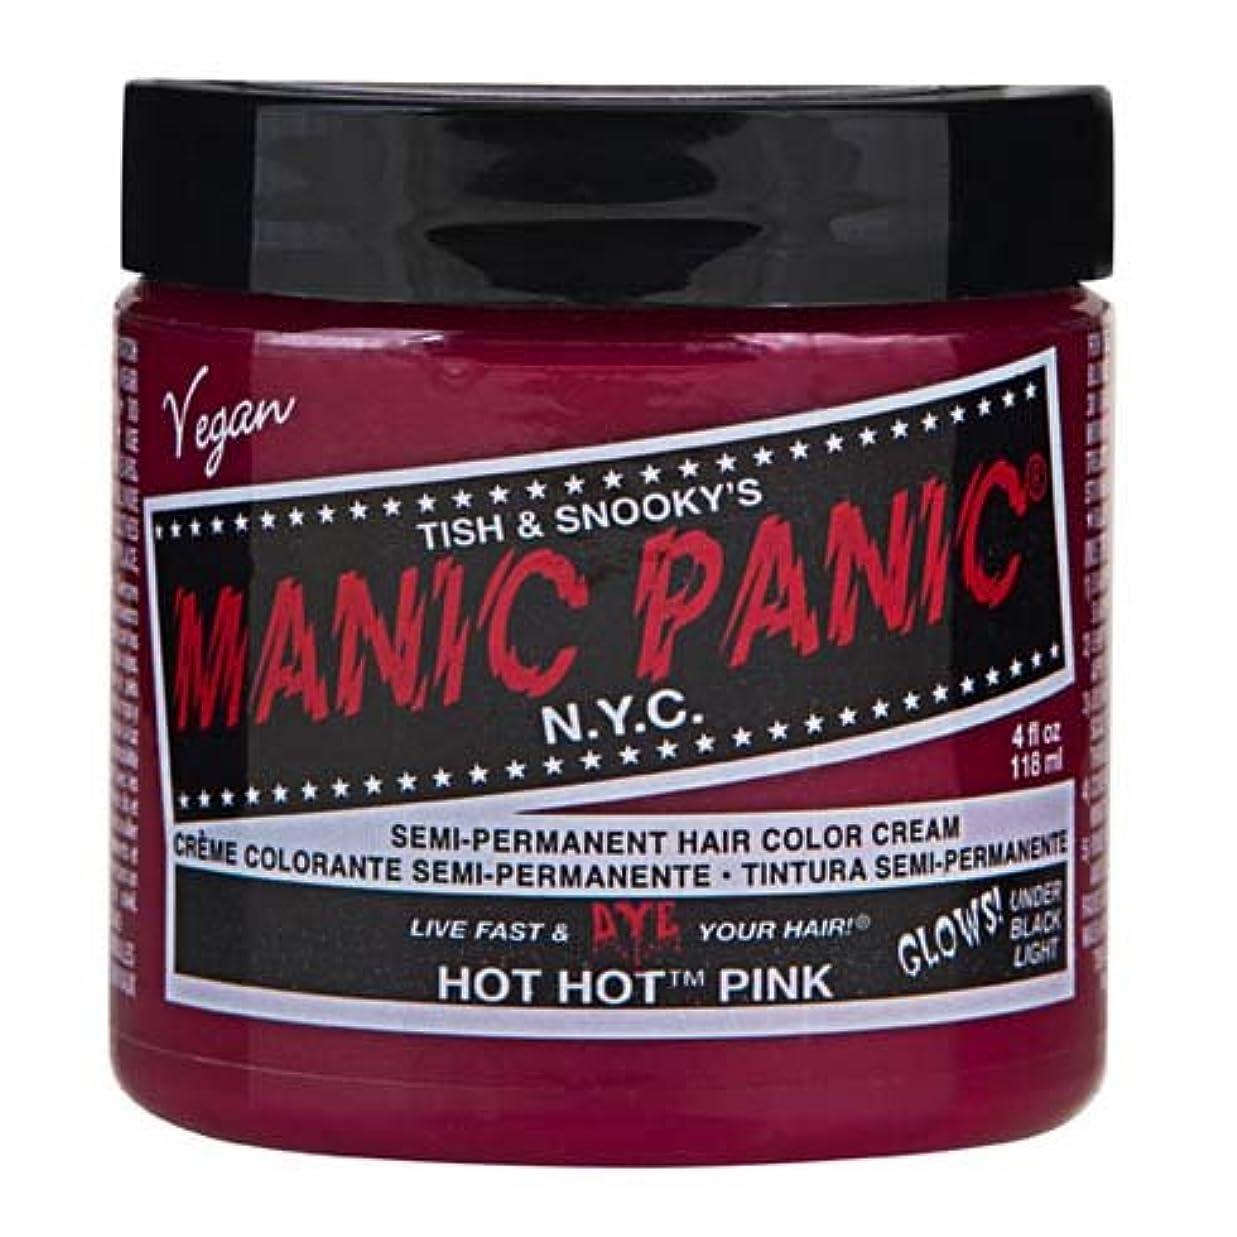 言い直す気味の悪いからスペシャルセットMANIC PANICマニックパニック:Hot Hot Pink (ホット?ホット?ピンク)+ヘアカラーケア4点セット